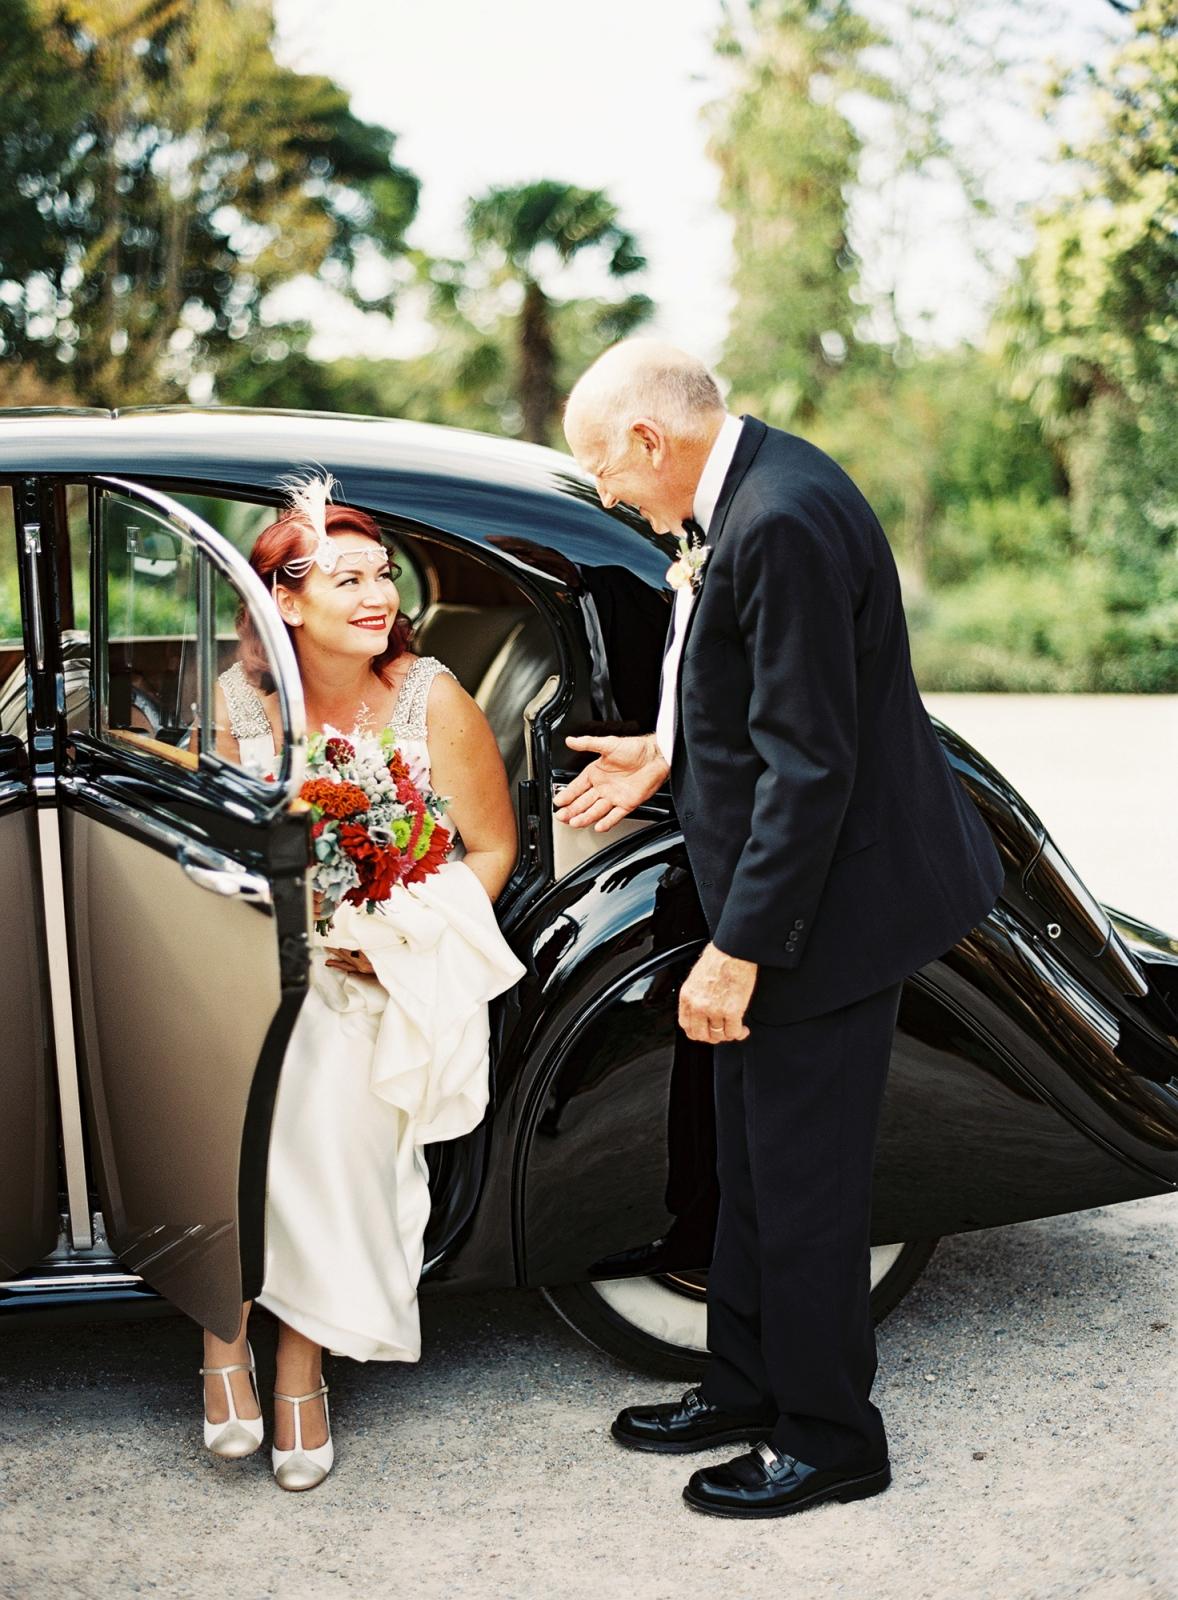 A Decadent Art Deco Wedding by Stewart Leishman